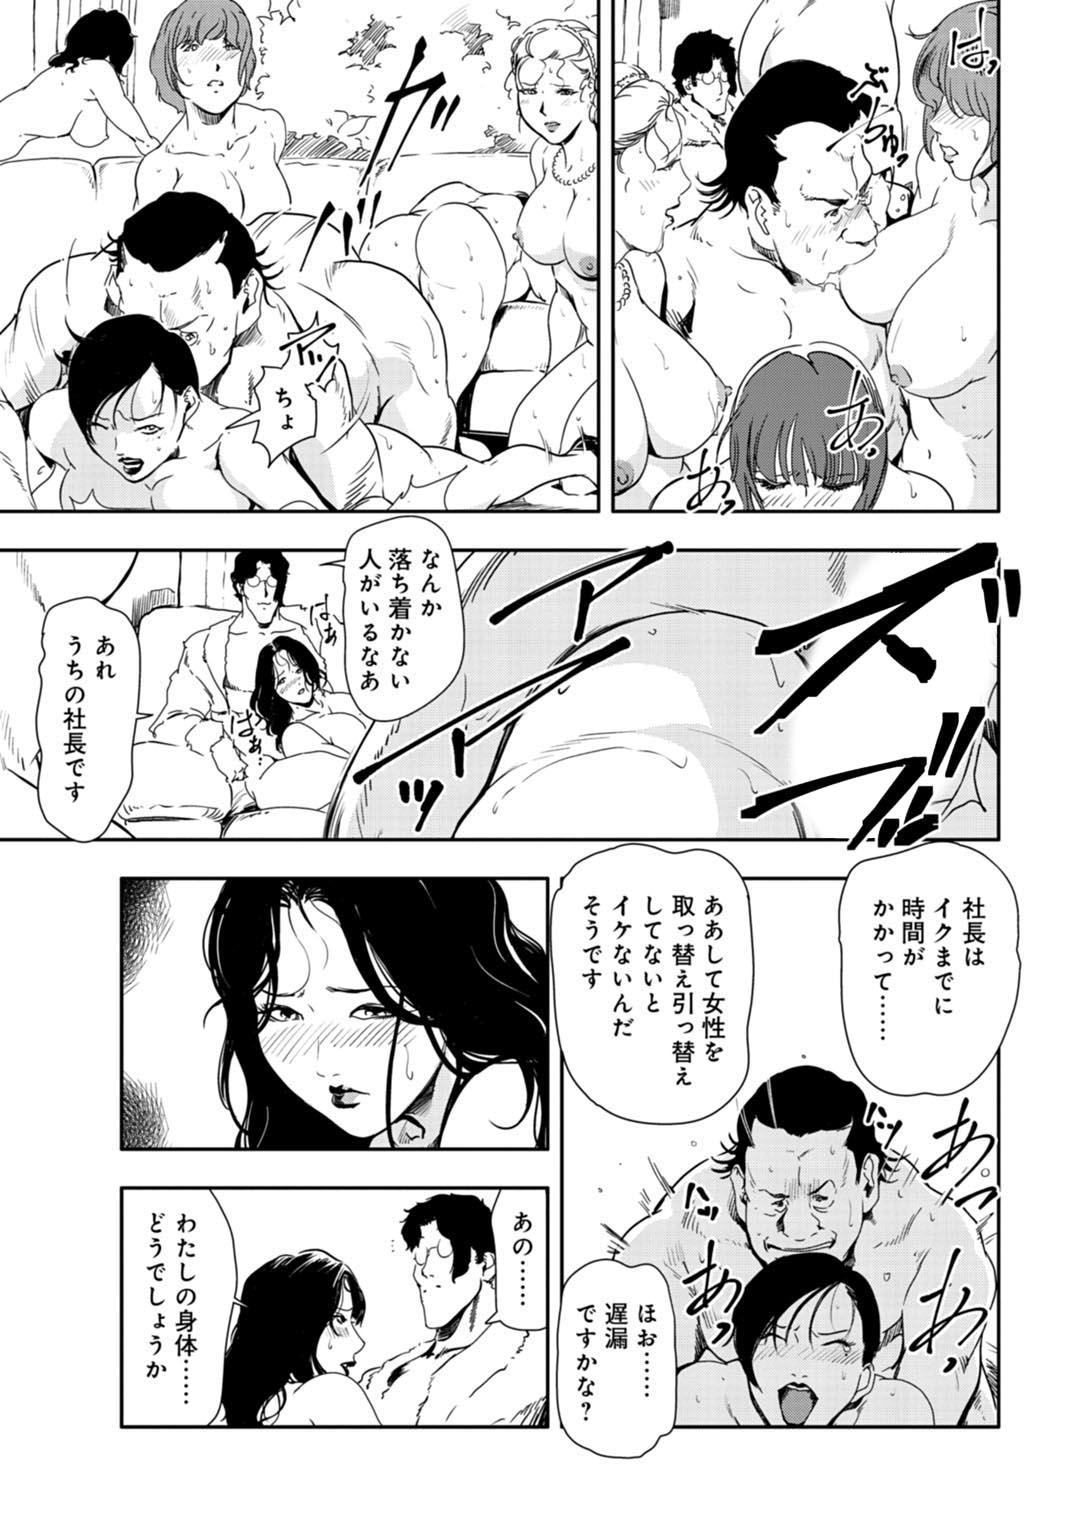 Nikuhisyo Yukiko 26 5